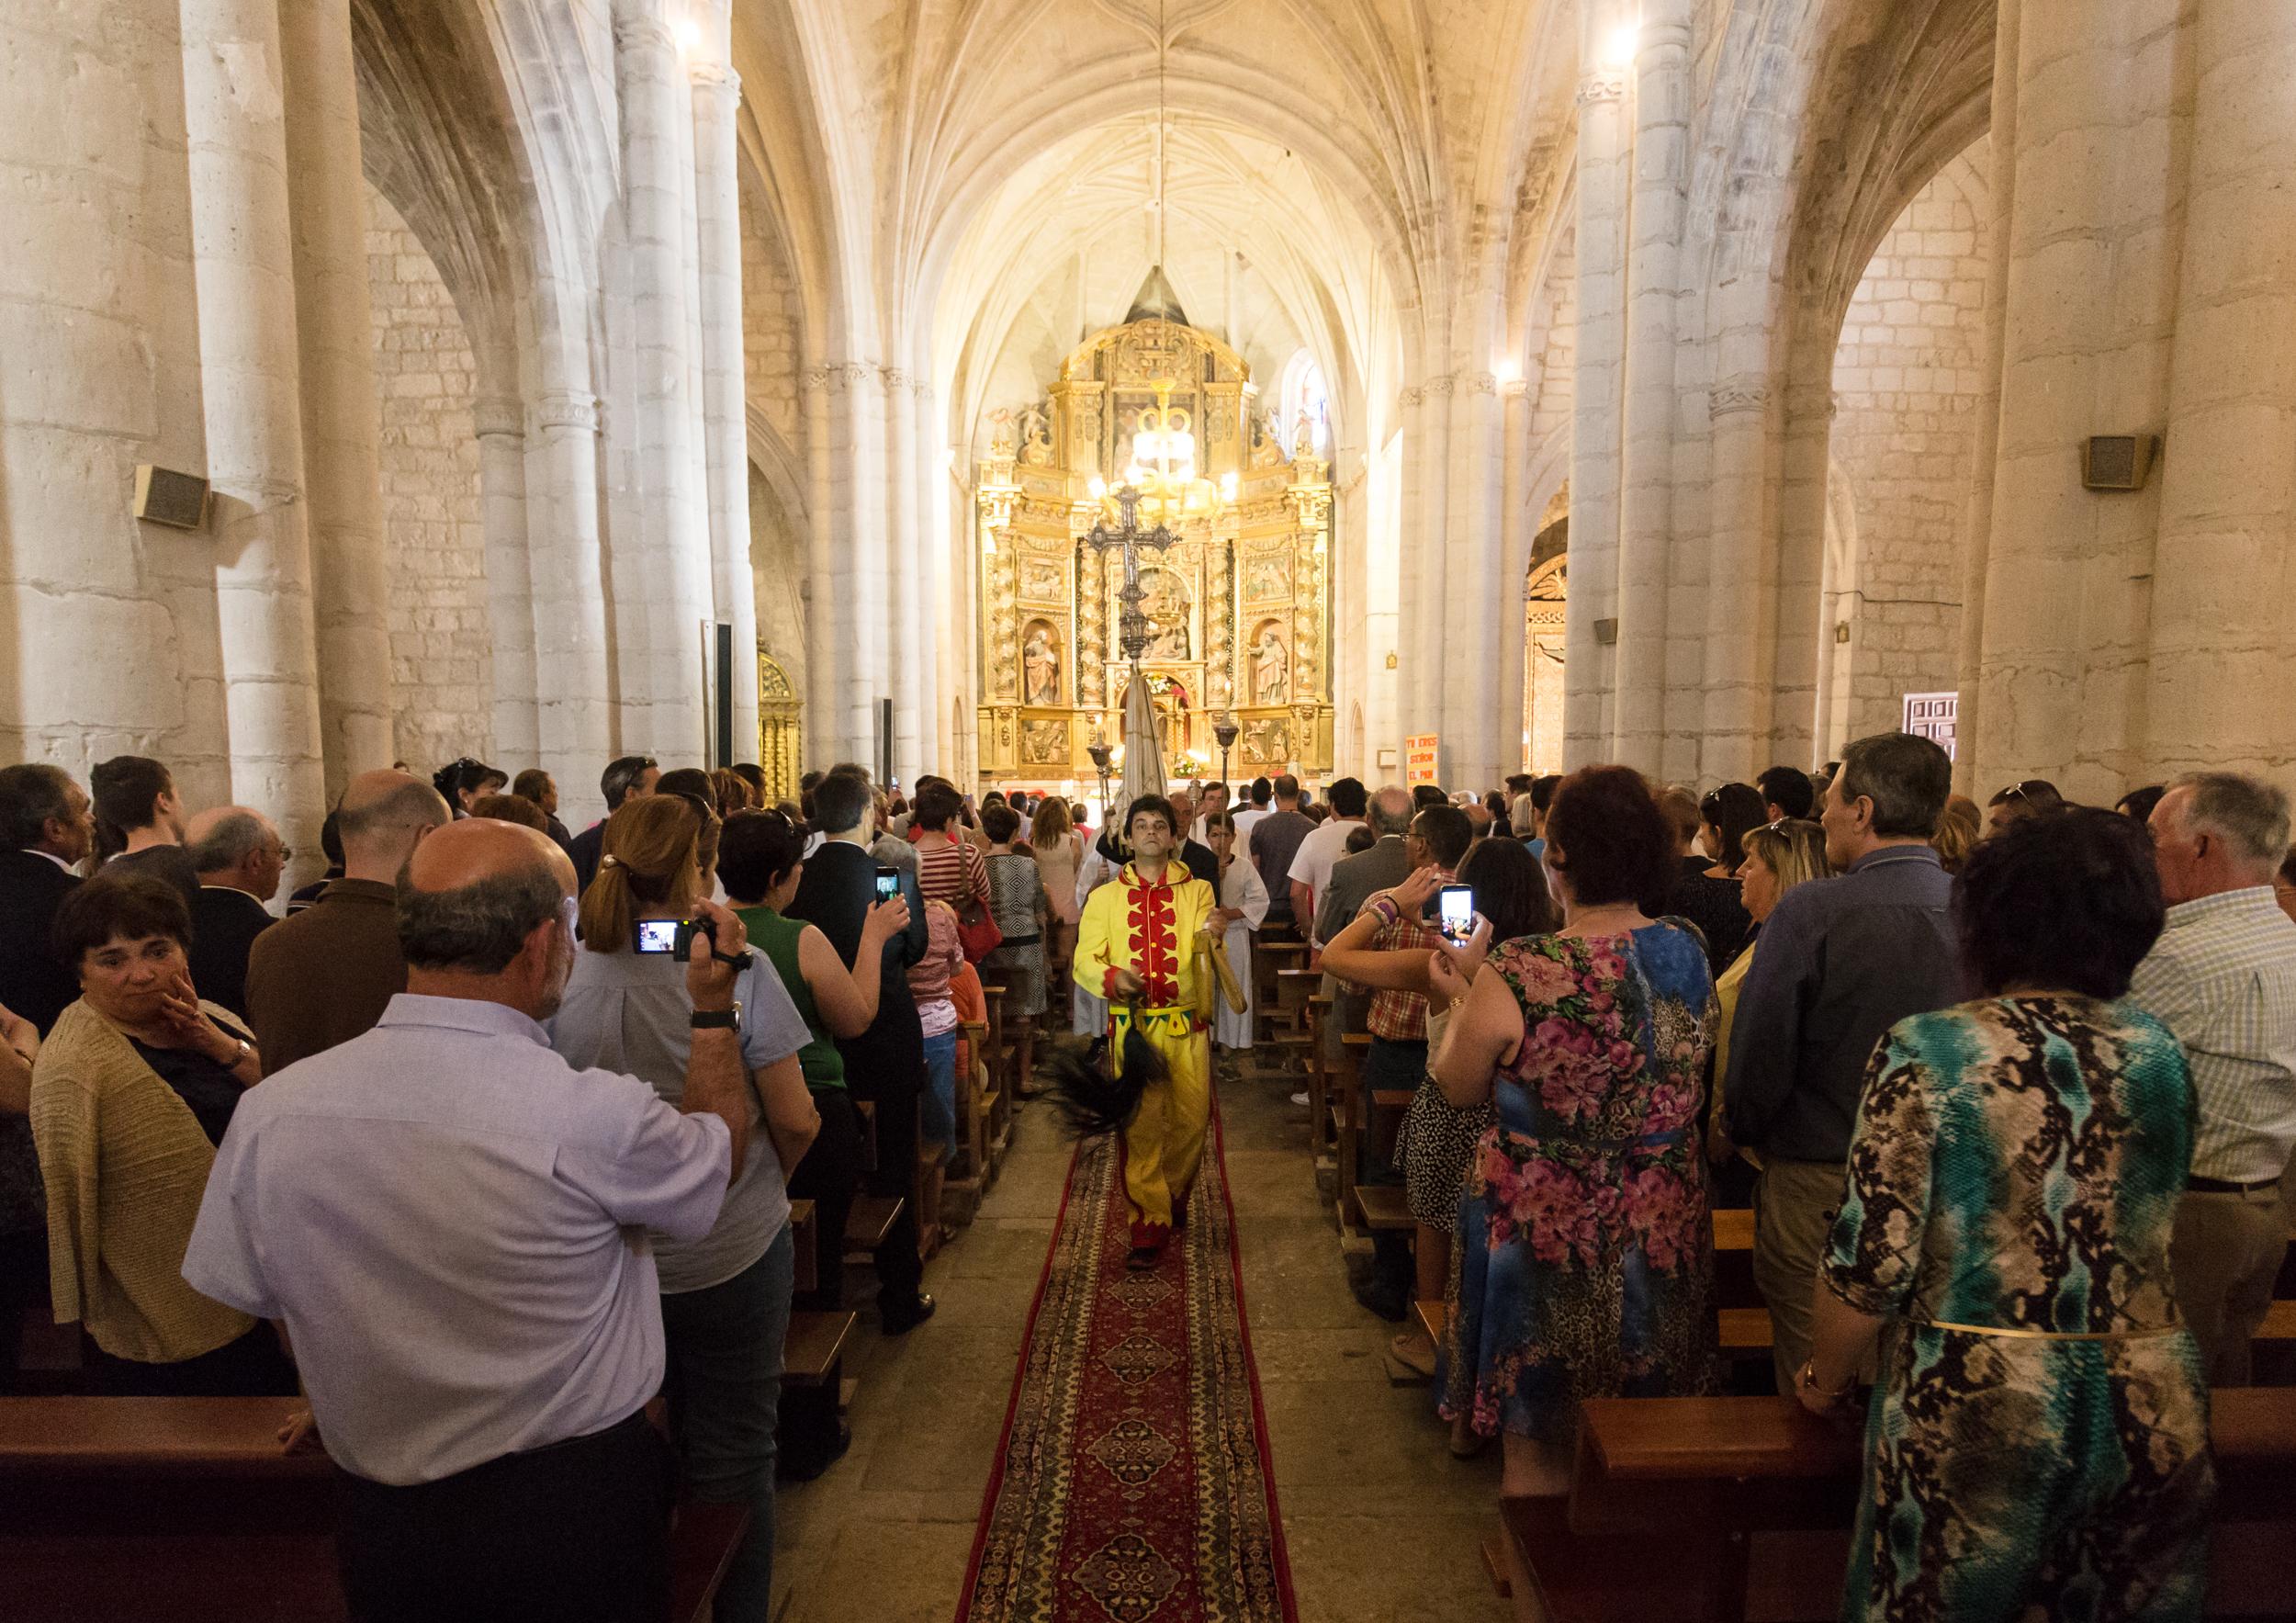 El Colacho intenta impedir la celebración de la misa haciendo sonar sus zarrañuelas.